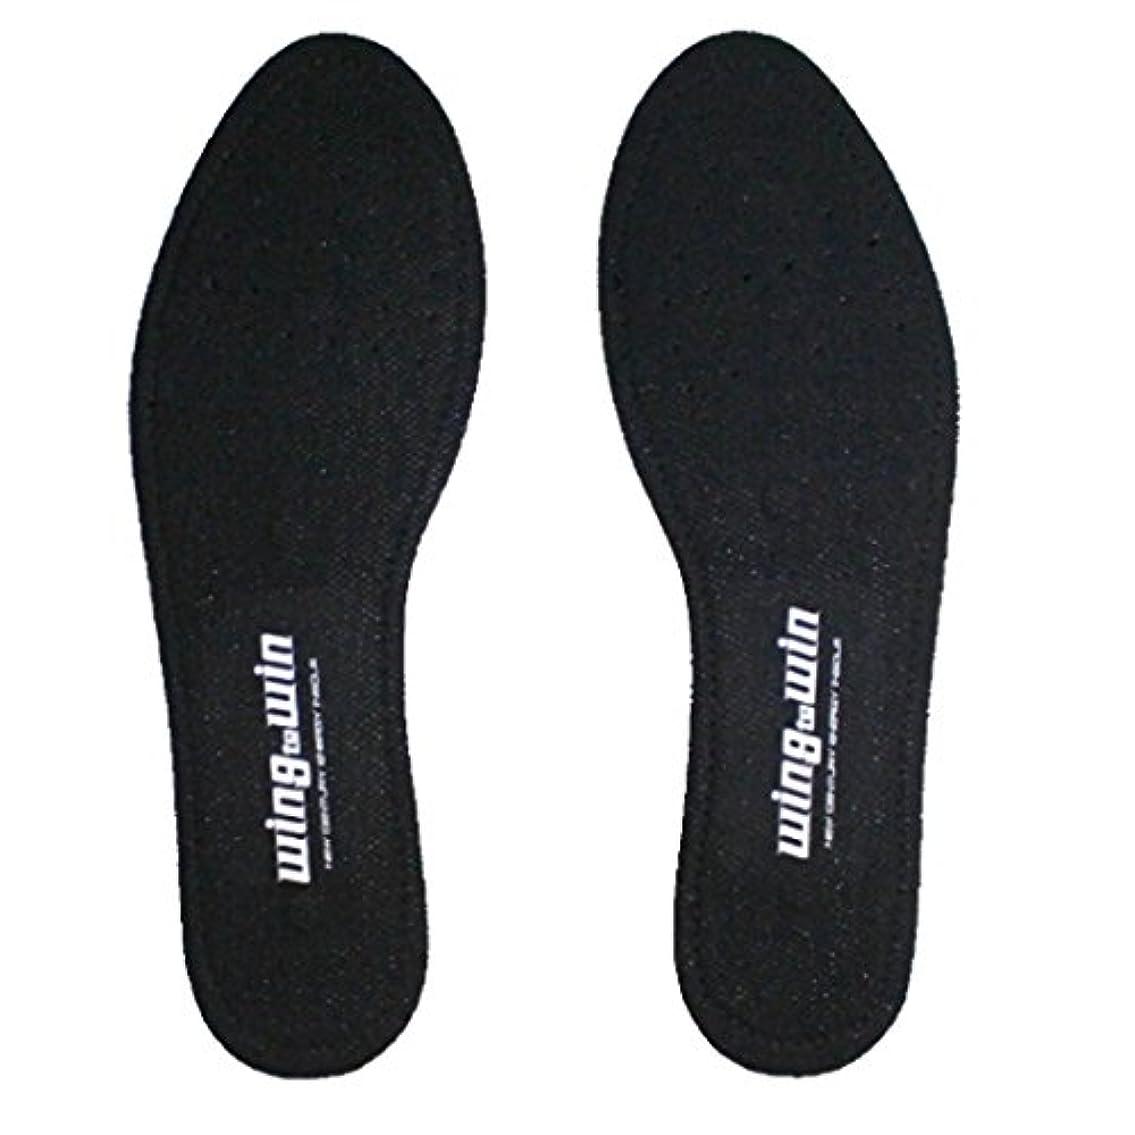 TQインソール ハードタイプ Lサイズ 足への負担を軽減 全身のバランスがとれ、人生の歩みが変わる (L)